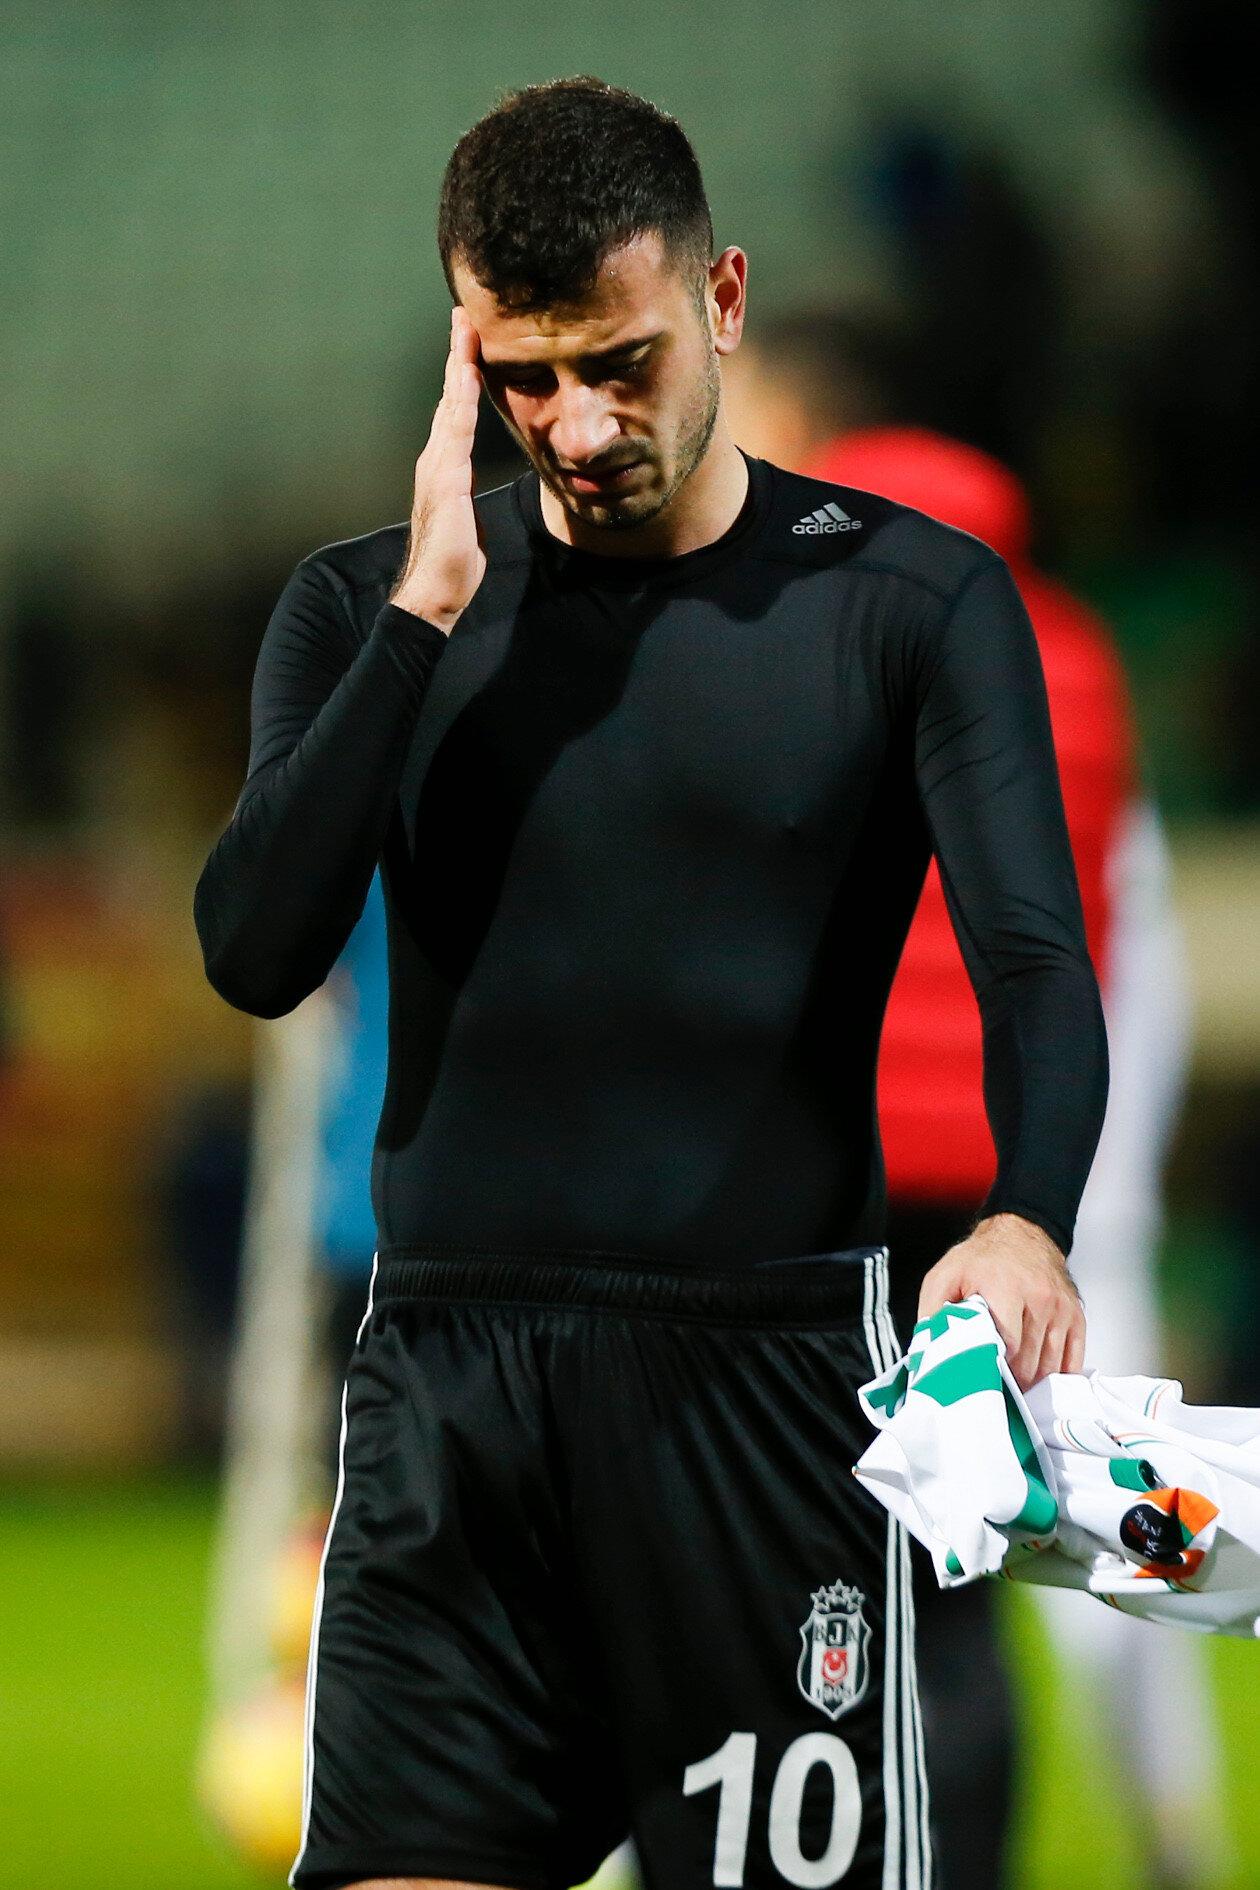 Oğuzhan Özyakup, Alanya'dan 1 puanla dönüyor olmaktan mutlu değil.